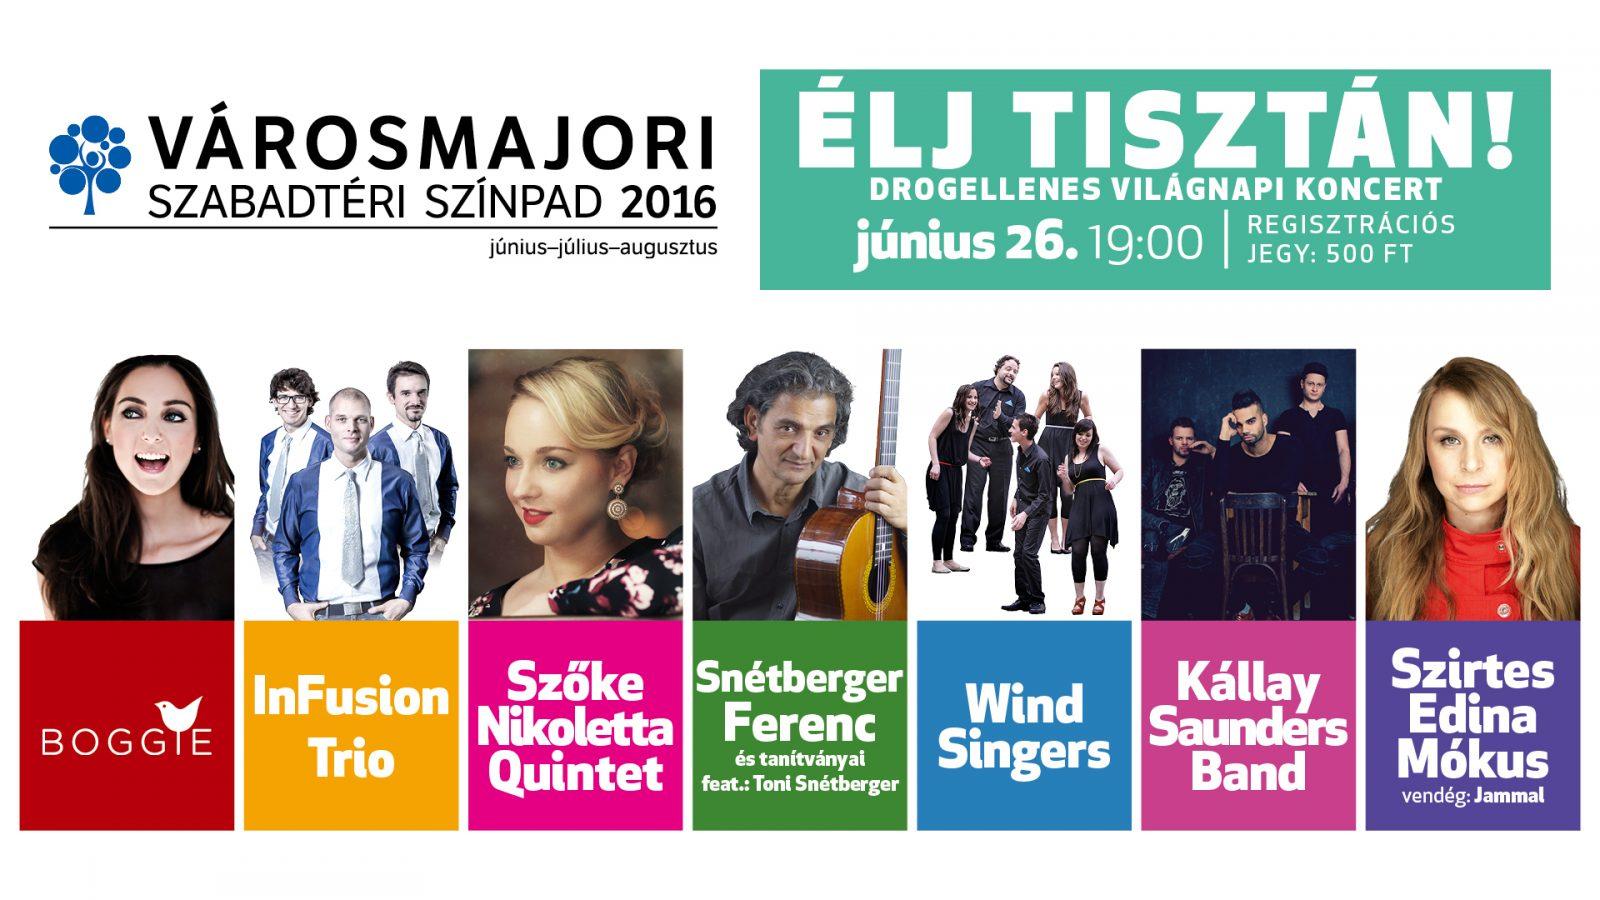 Élj tisztán! – Drogellenes világnapi koncert és családi nap a Városmajorban